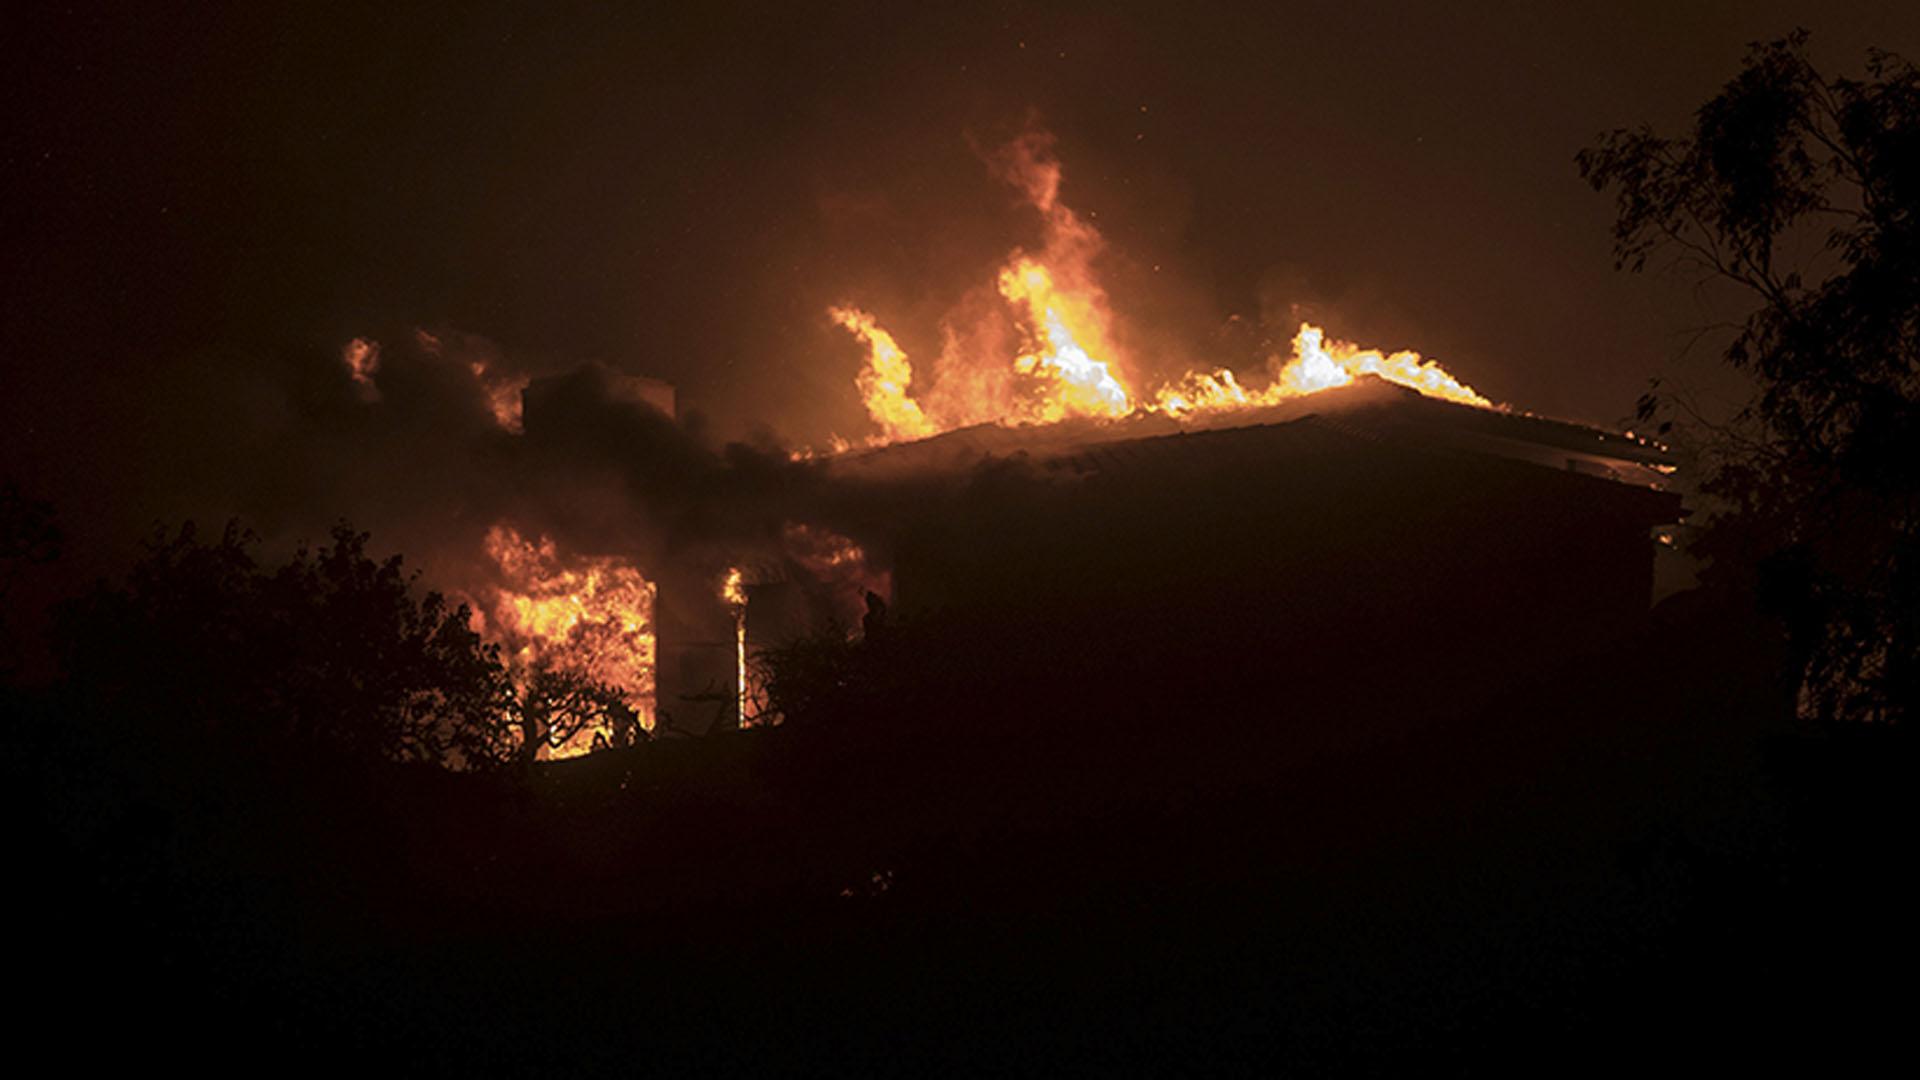 El incendio forestal comenzó en un cañón cerca de la localidad de Santa Paula, al noroeste de Los Ángeles, y a las 04.00 hora local de hoy (12:00 GMT) había llegado a la localidad de Ventura, una ciudad costera con más de 100.000 habitantes, según informaron las autoridades locales